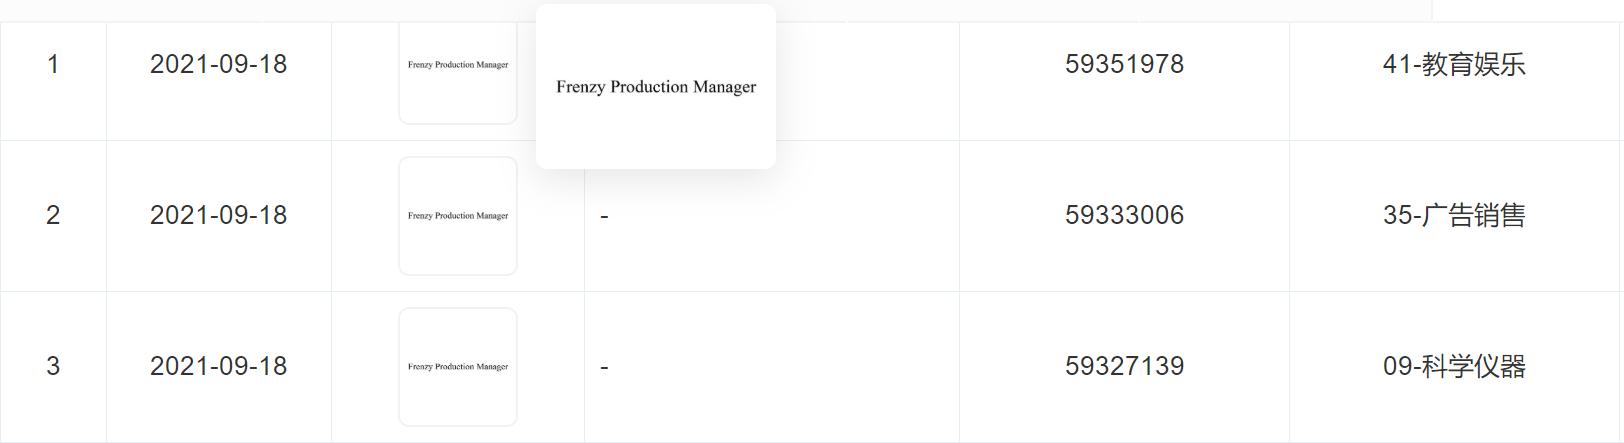 """快手申请注册多个""""Frenzy Producton Manager""""商标,注册英文商标需要注意什么?"""